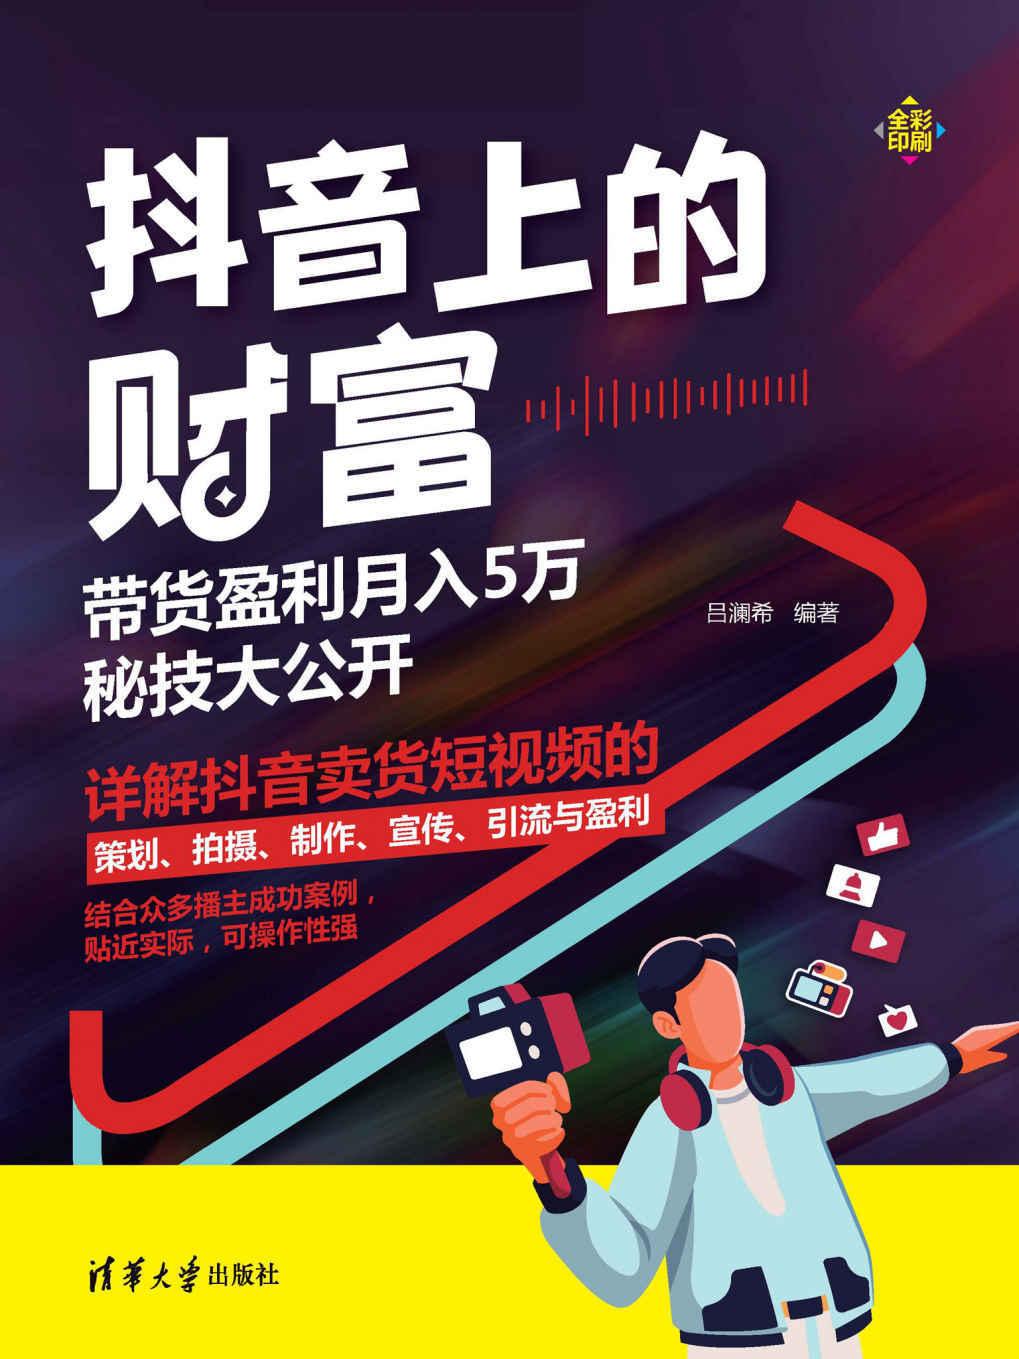 抖音上的财富 吕澜希pdf-epub-mobi-txt-azw3